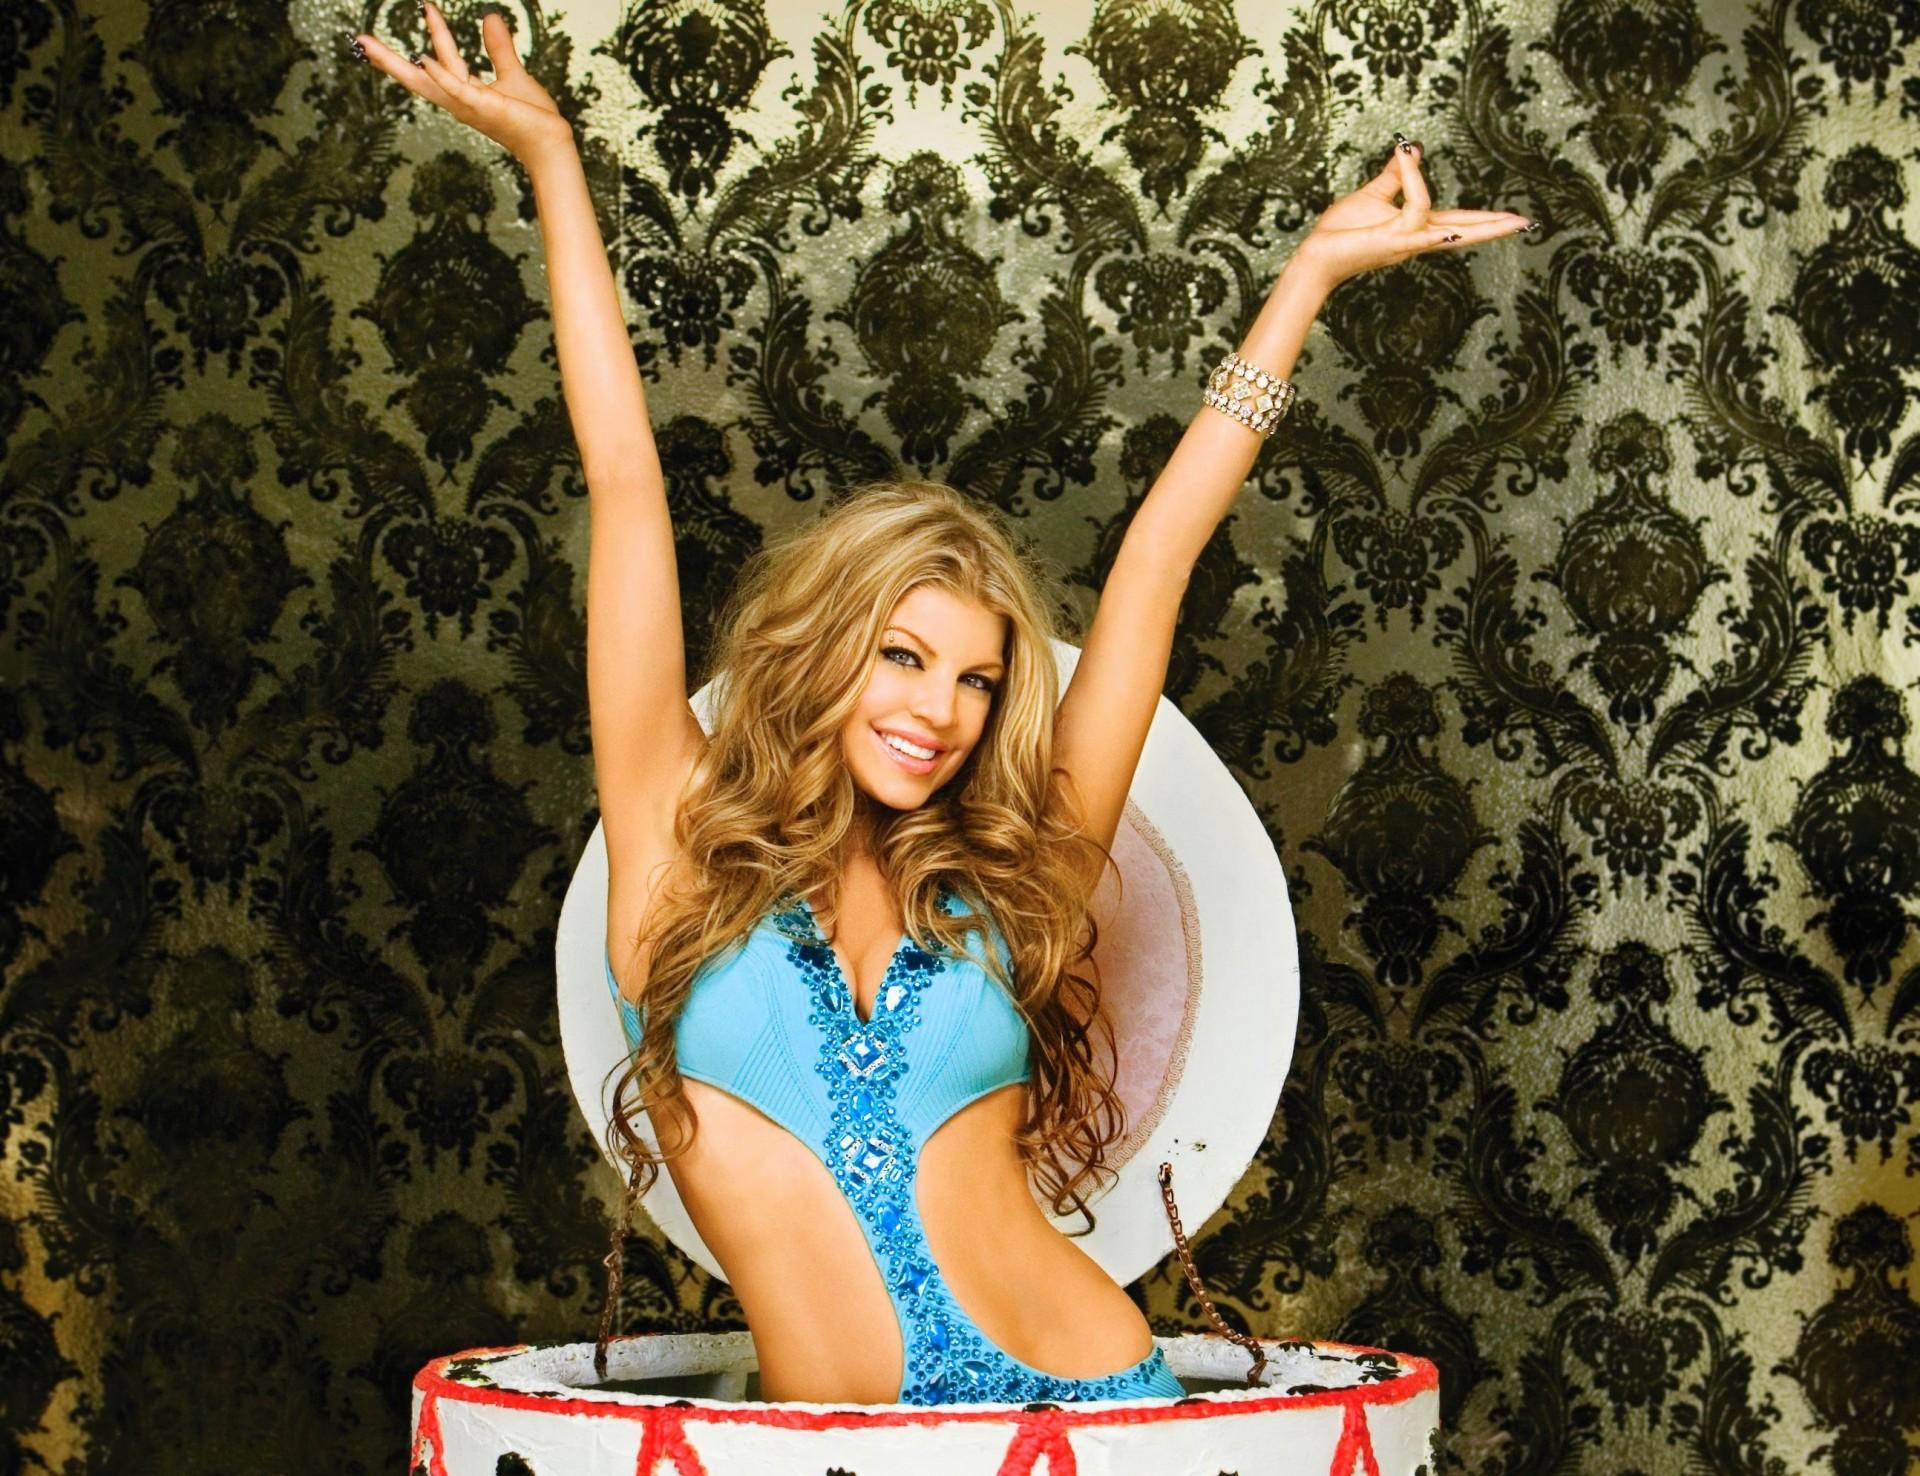 Обеденный перерыв, открытка девочка из торта